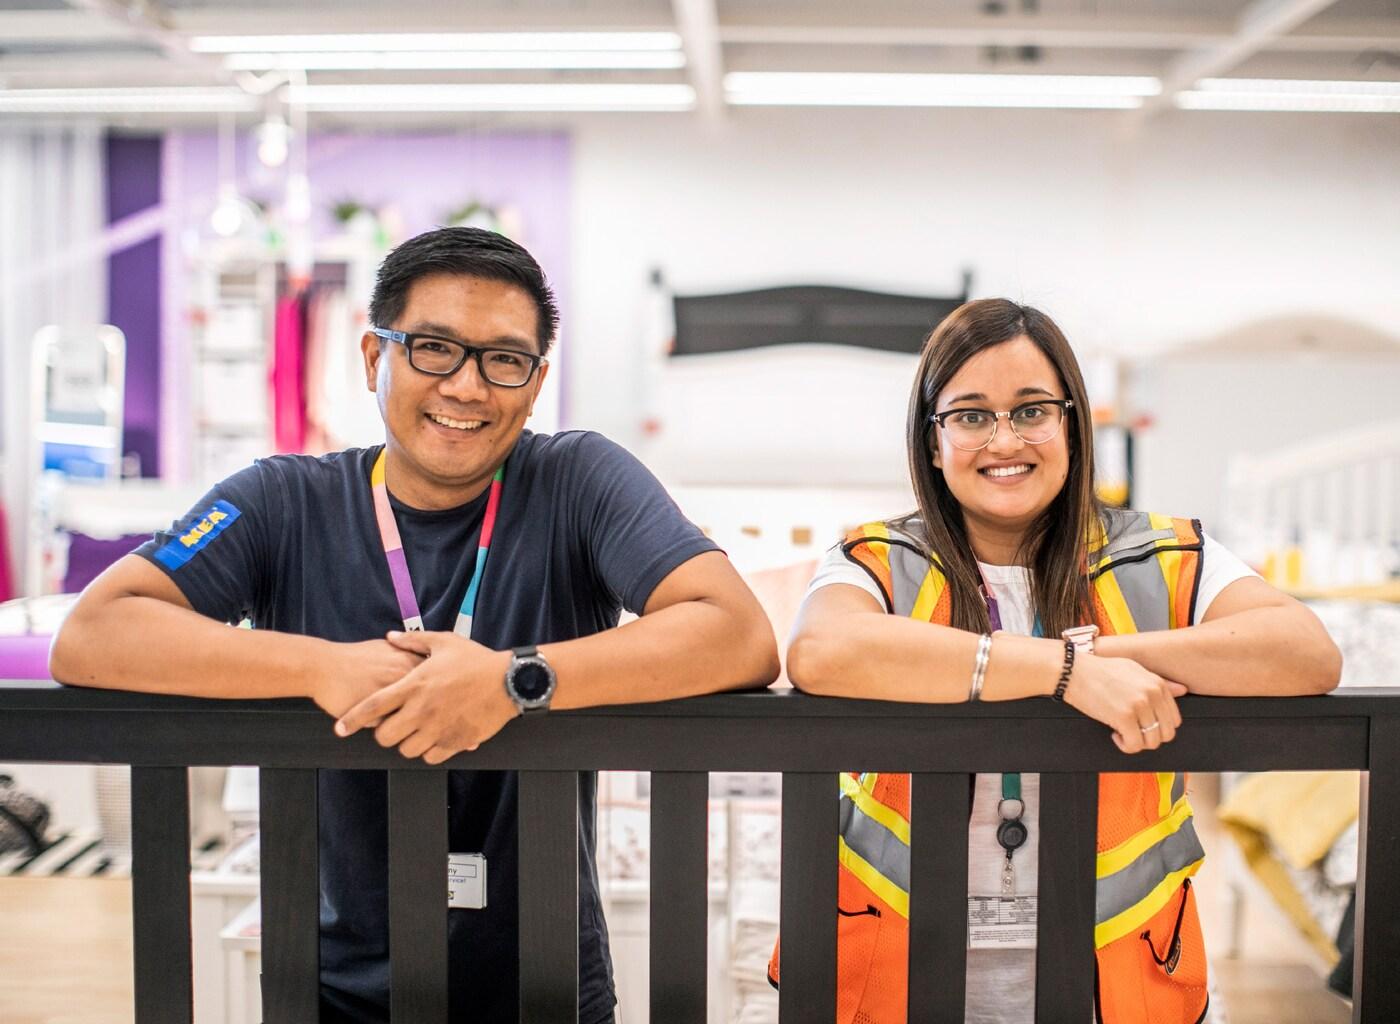 Dva pracovníci IKEA se opírají o dřevěné zábradlí, na krku mají visačku a usmívají se